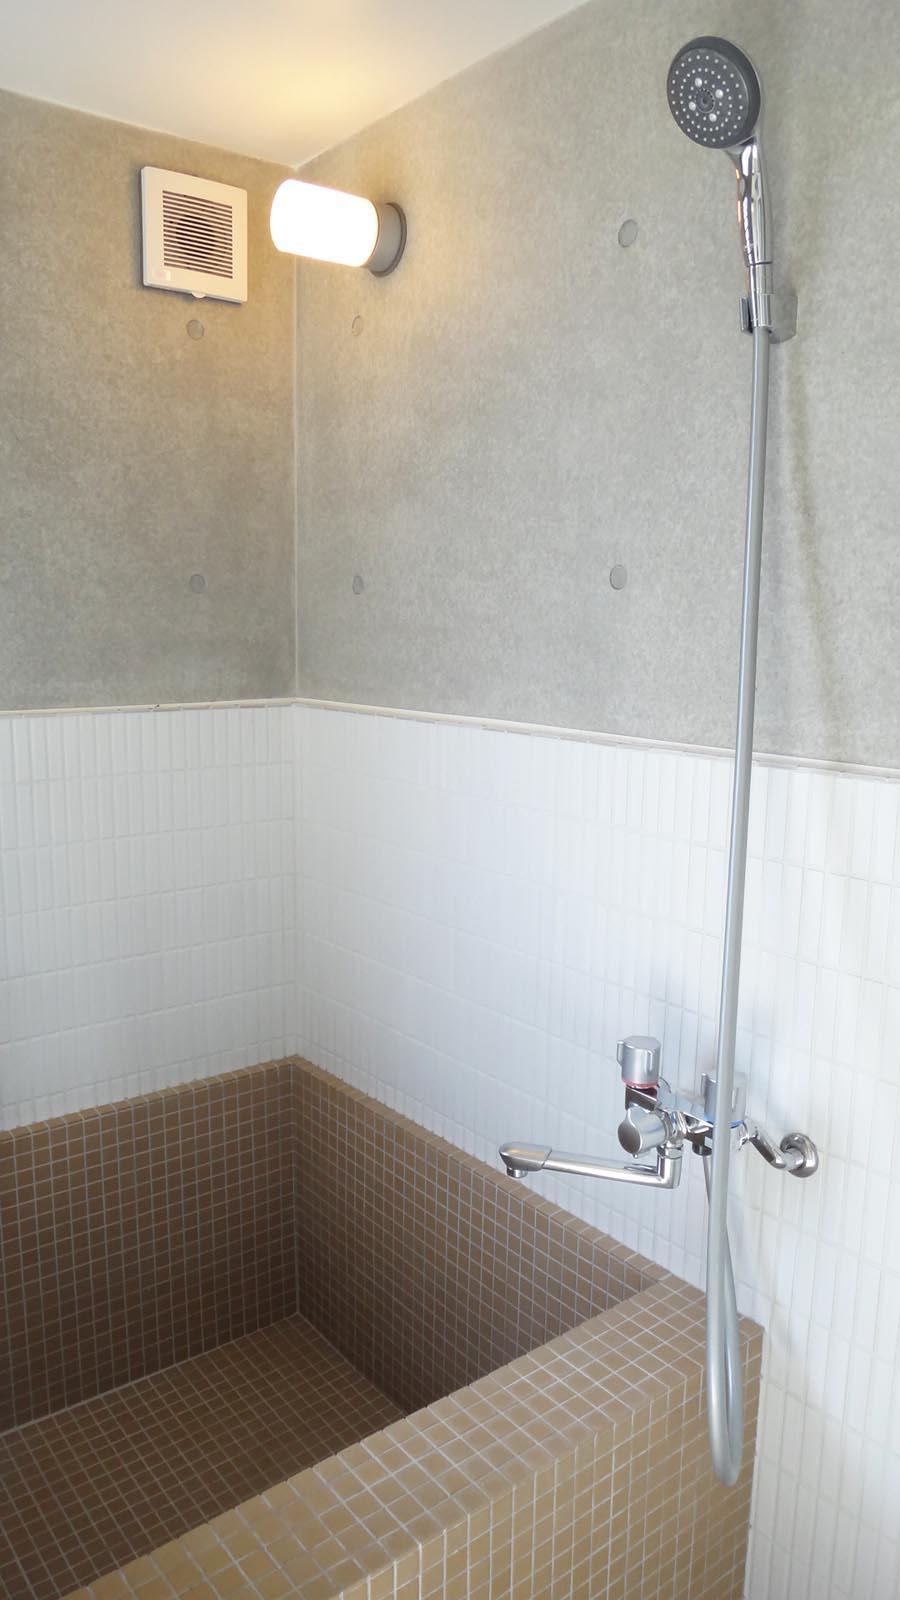 浴槽はコンパクトですが、窓もついていて清々しいバスルーム